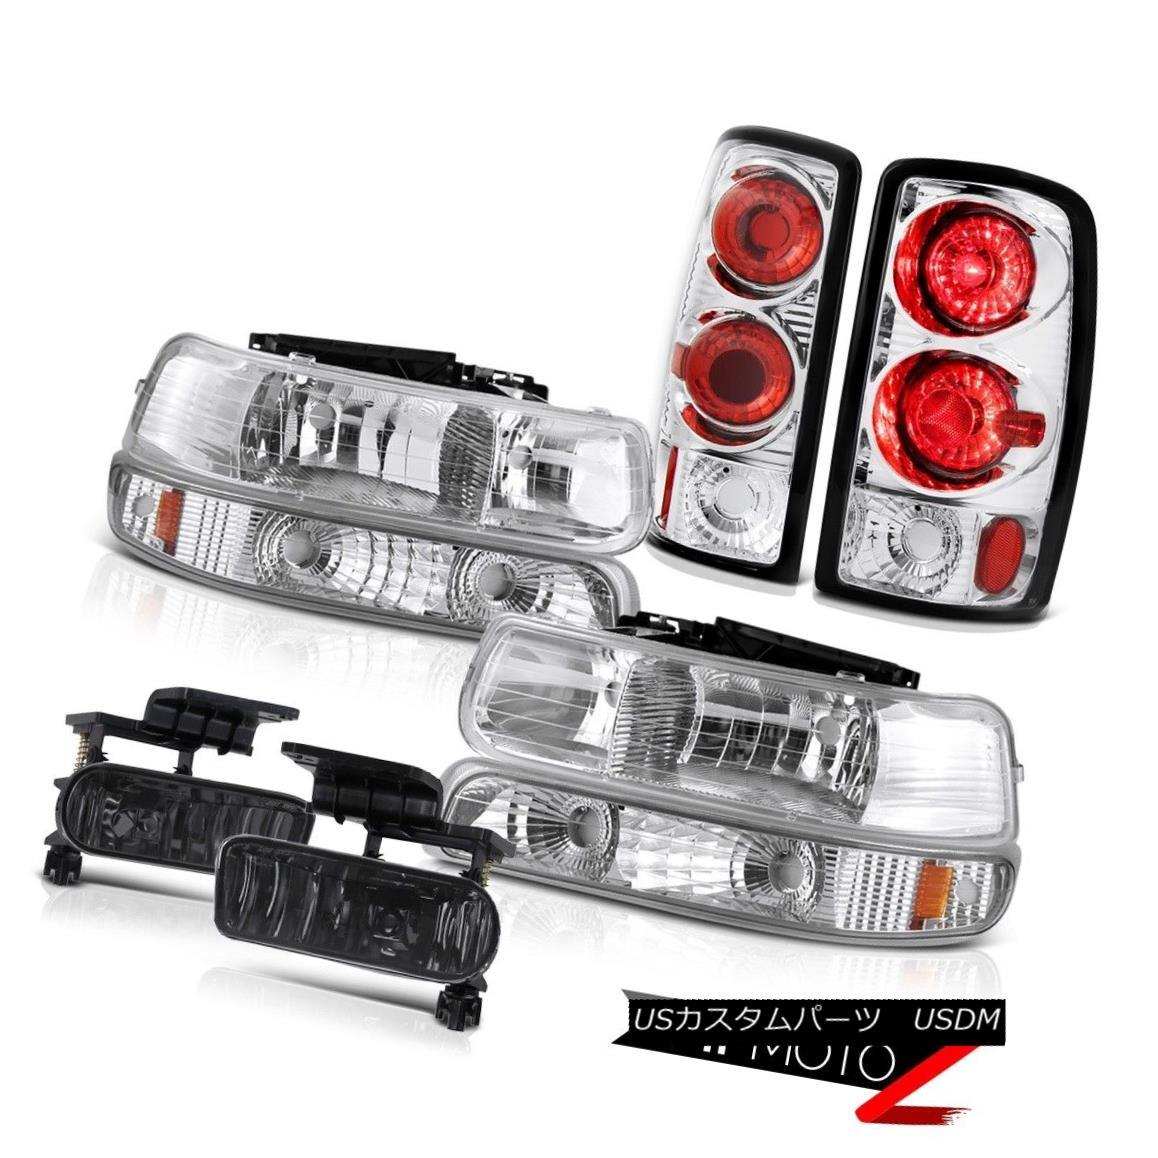 テールライト 2000-2006 Suburban 5.7L Crystal Parking Headlights Chrome Brake Lamps Foglights 2000-2006郊外5.7Lクリスタルパーキングヘッドライトクロームブレーキランプフォグライト